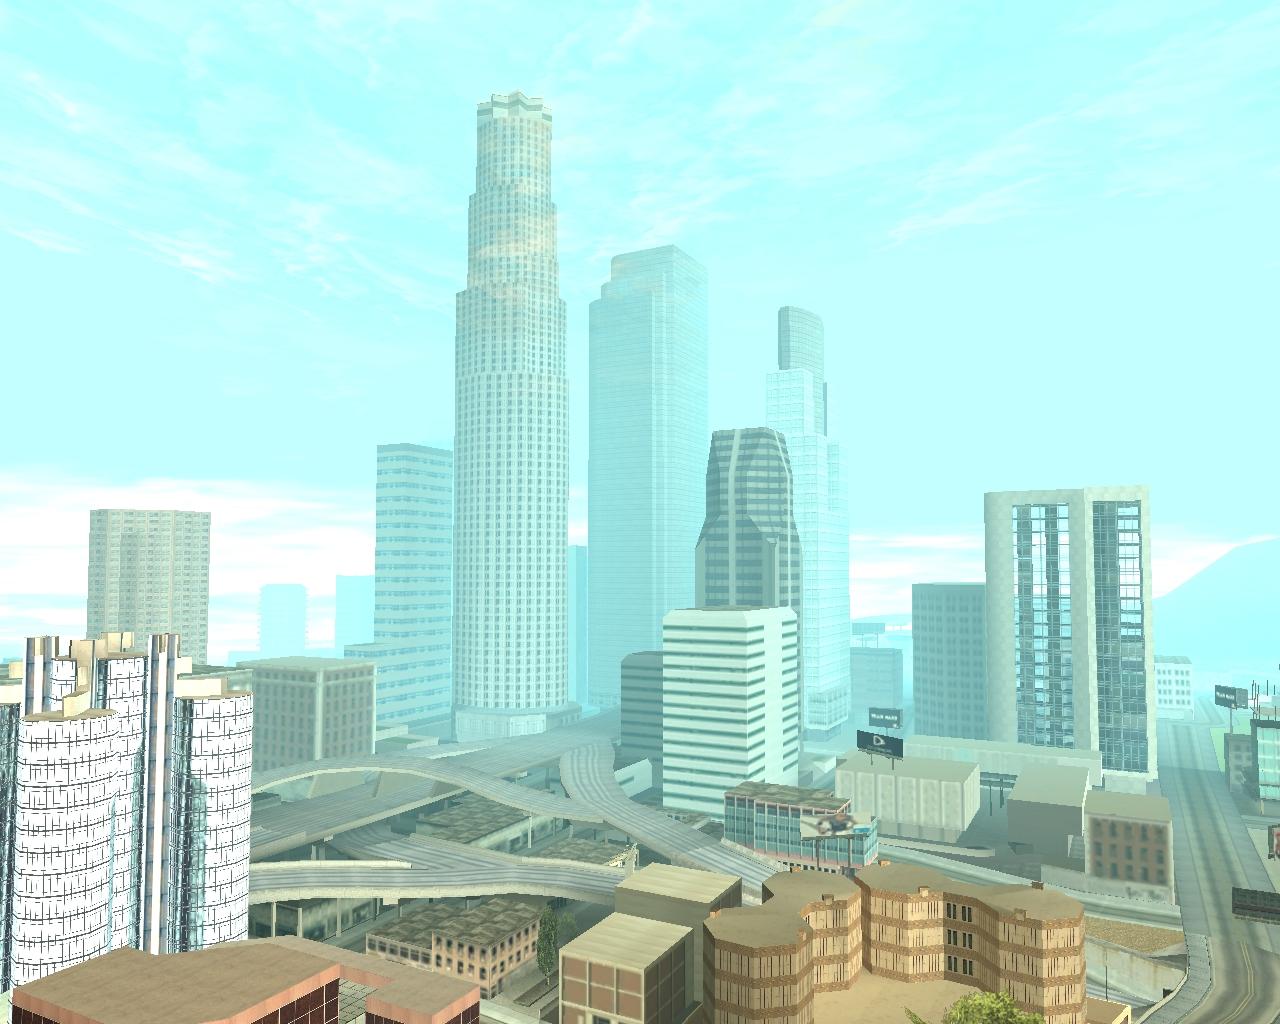 7300 Koleksi Mod Mobil Rush Gta San Andreas Gratis Terbaik